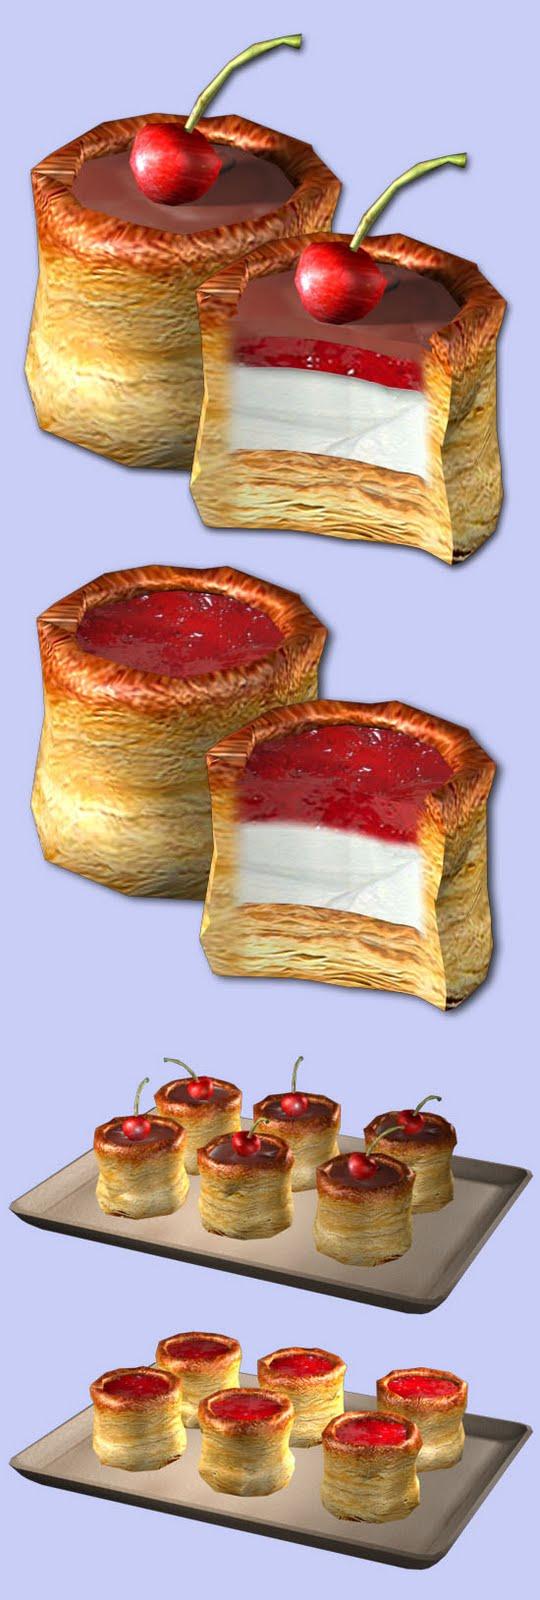 xnm_food_puffpastries001-002.jpg